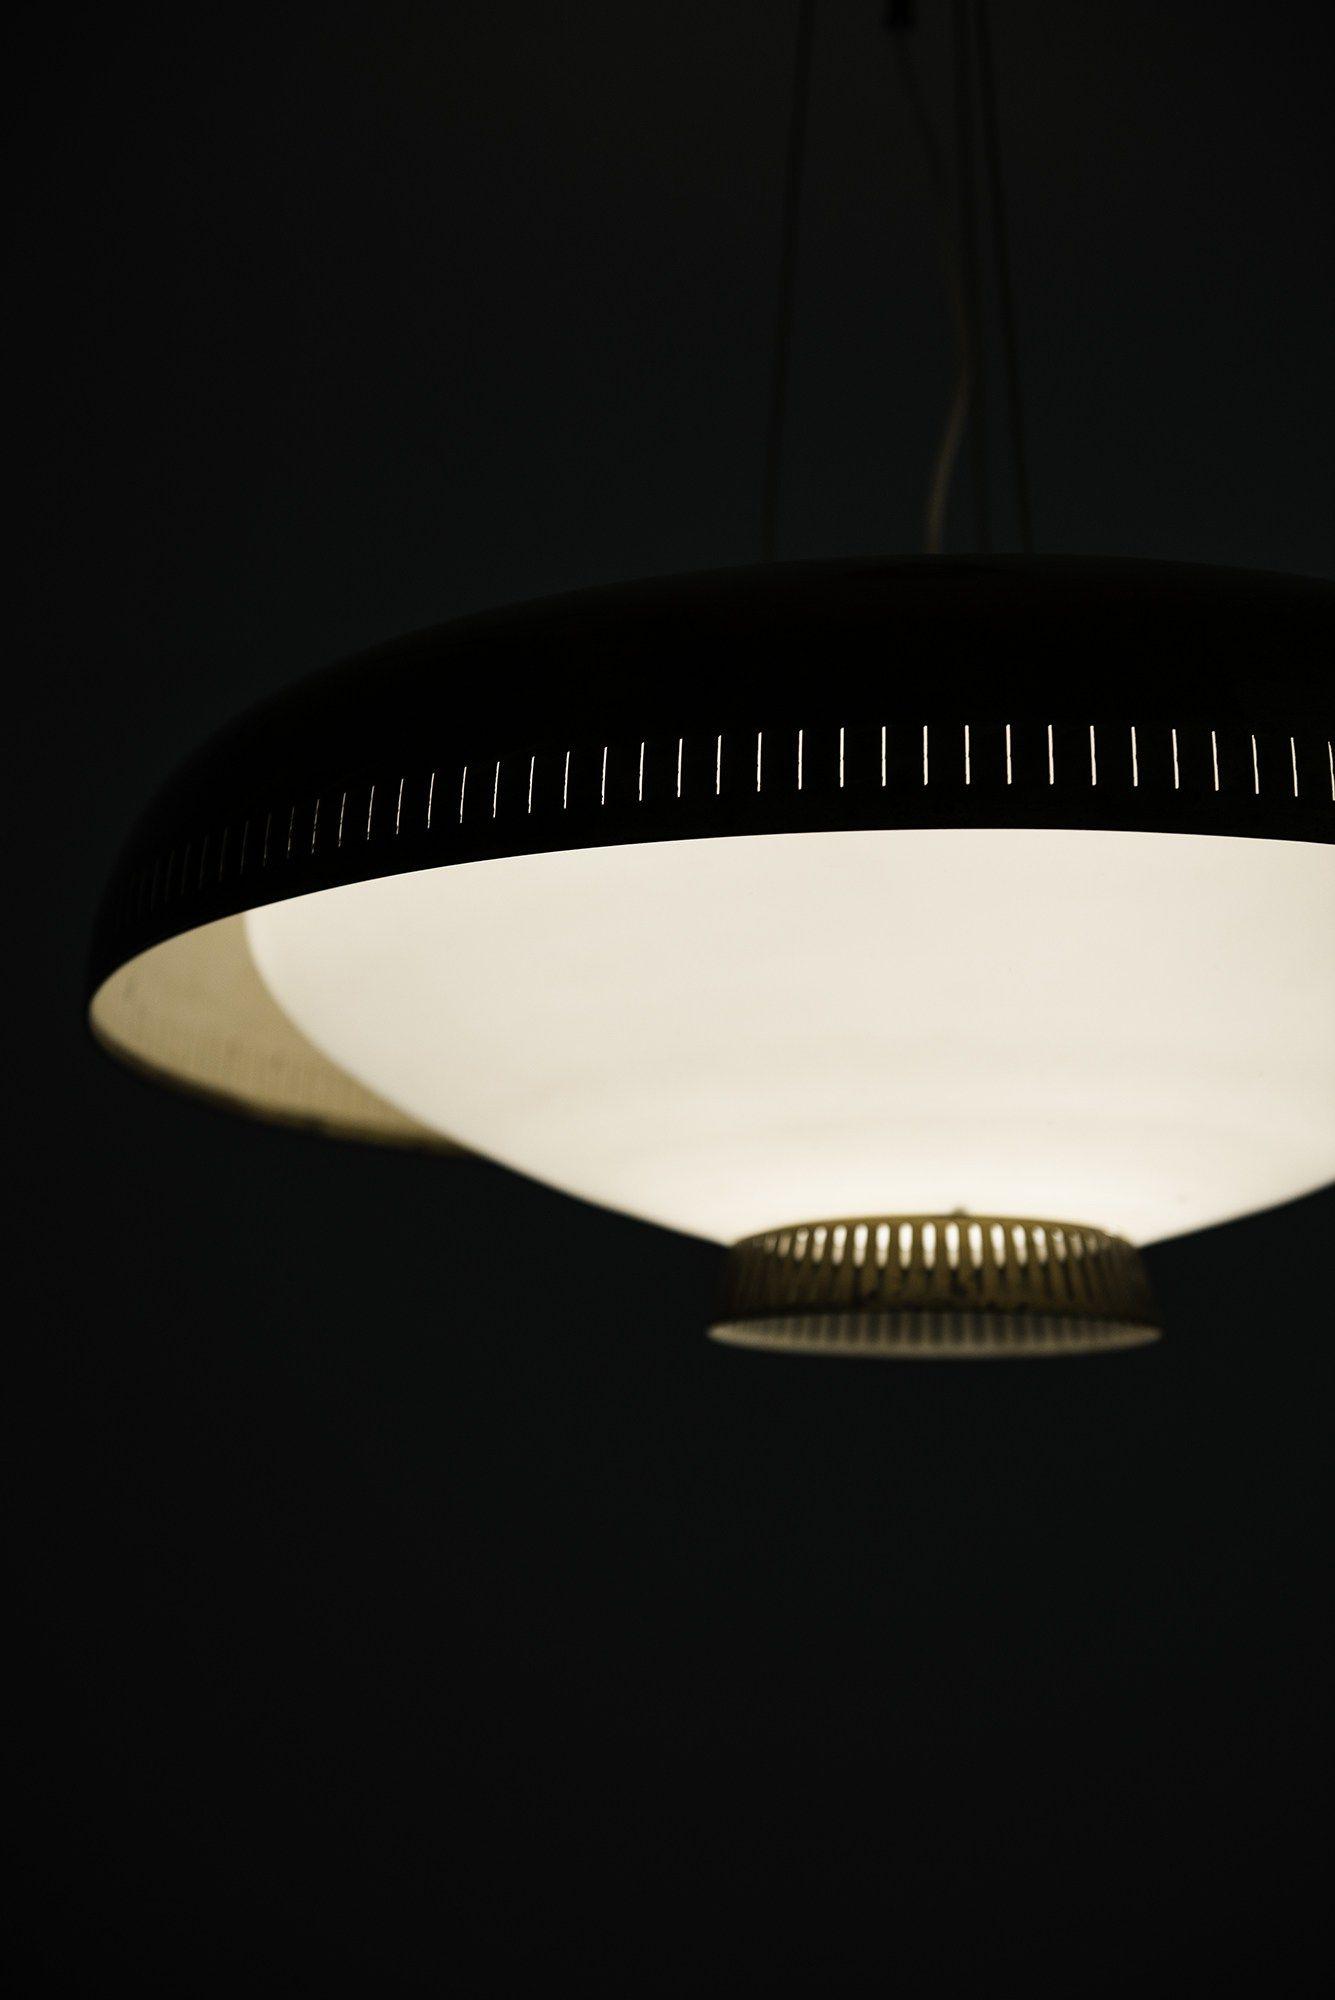 Asea ceiling lamp in opaline glass at studio schalling lighting